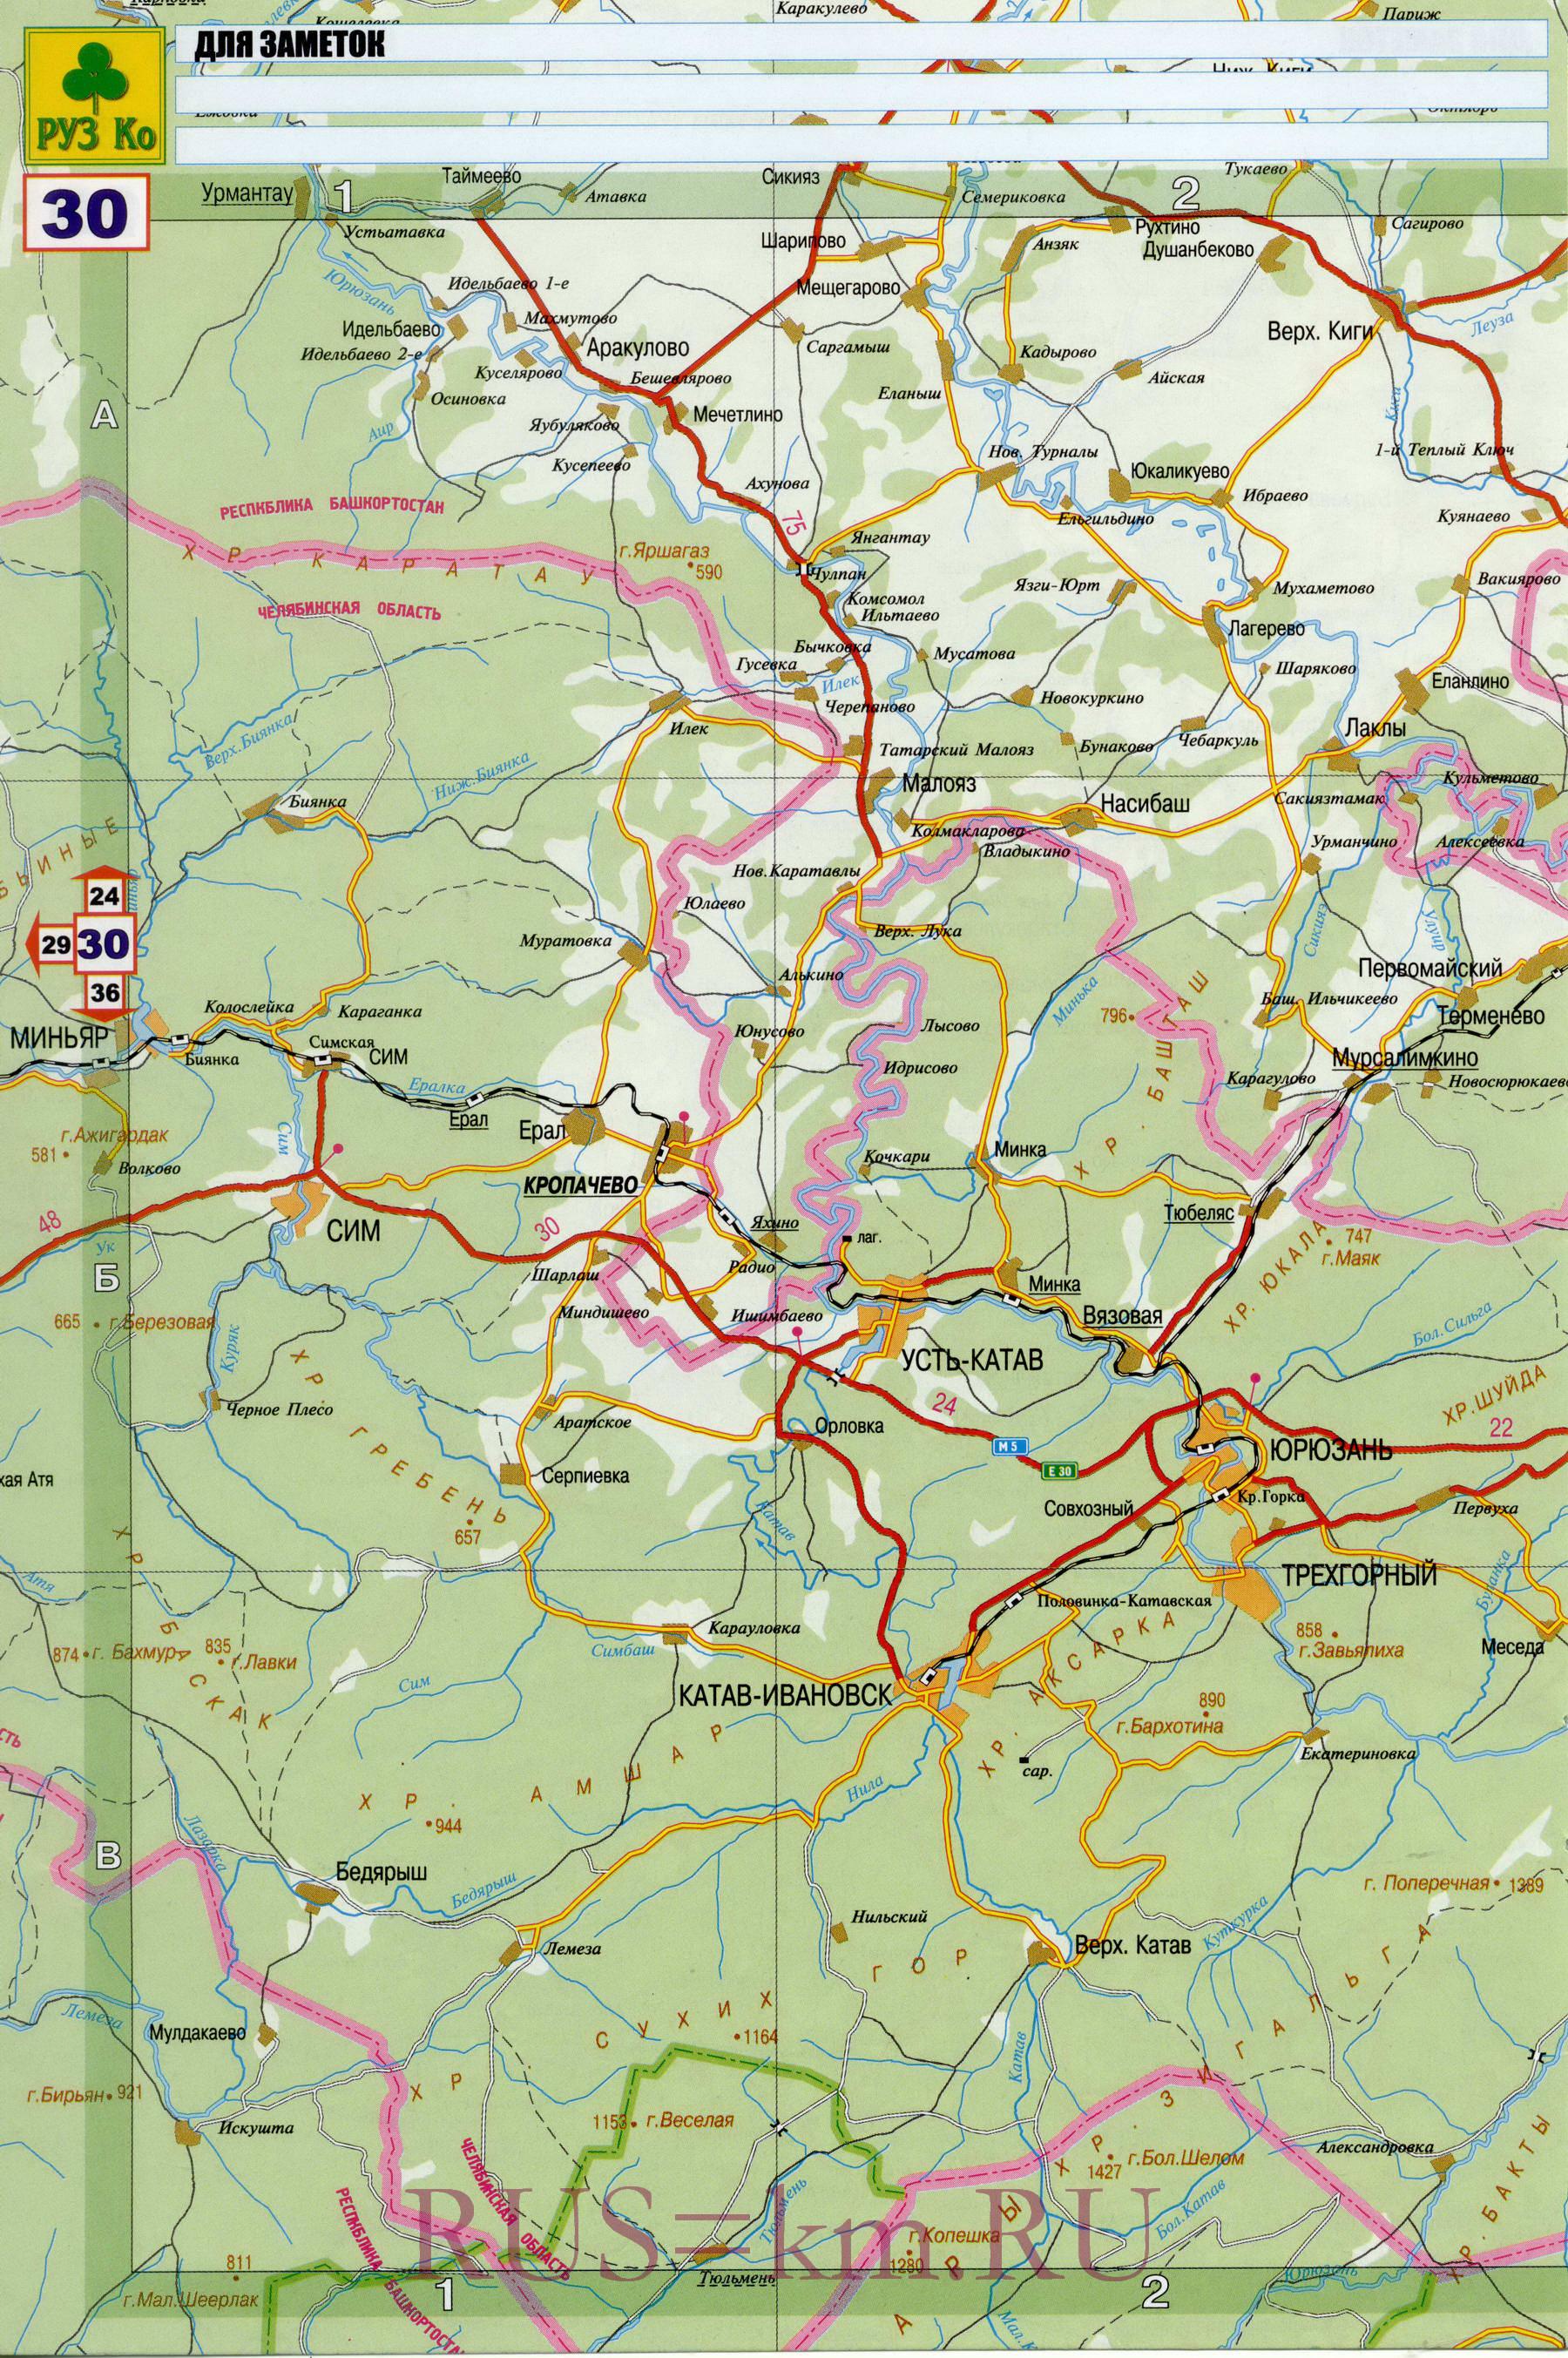 Карта башкортостана подробная карта